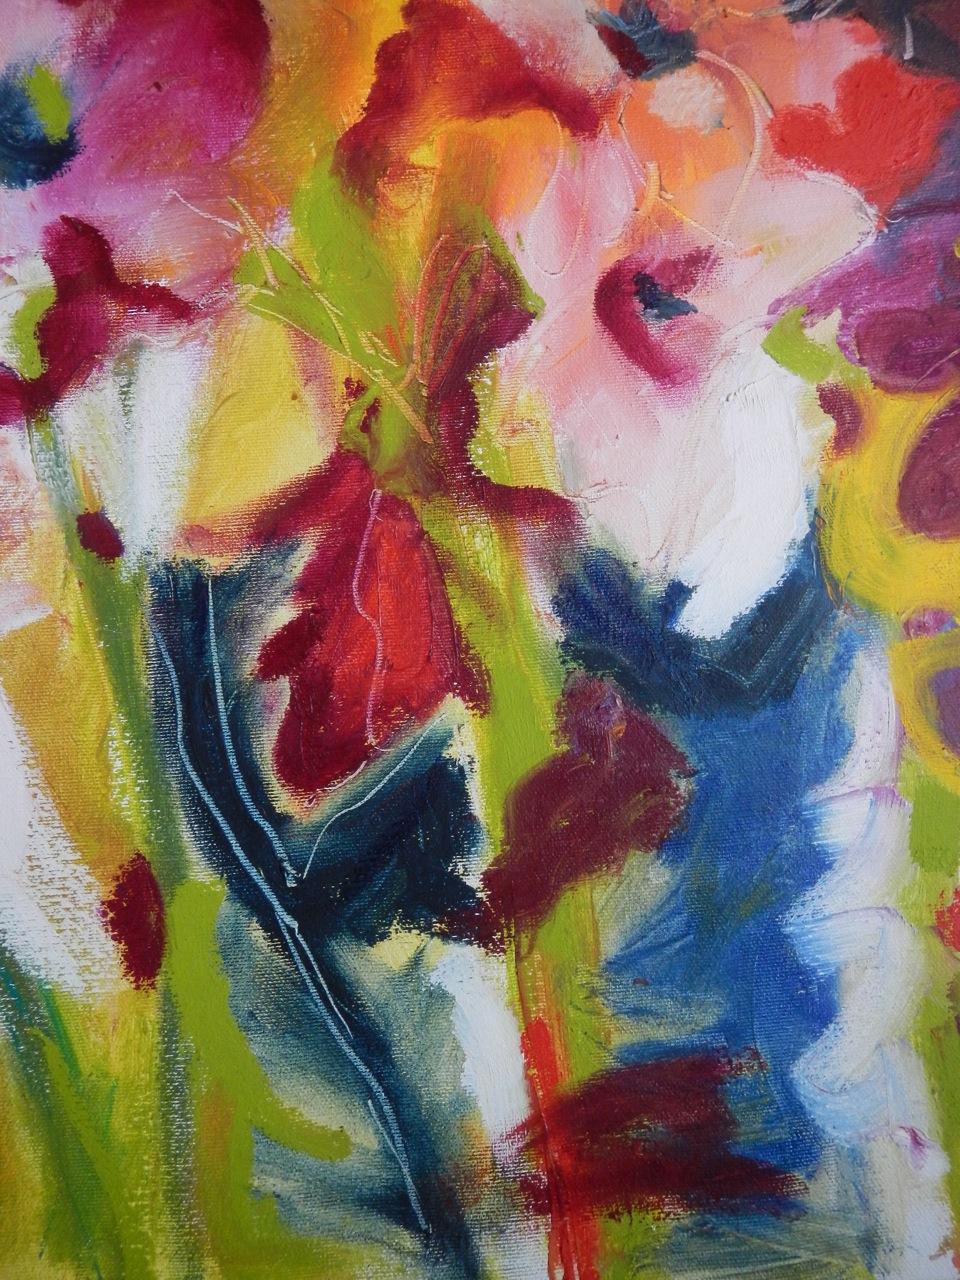 painting detail, Flora Doehler